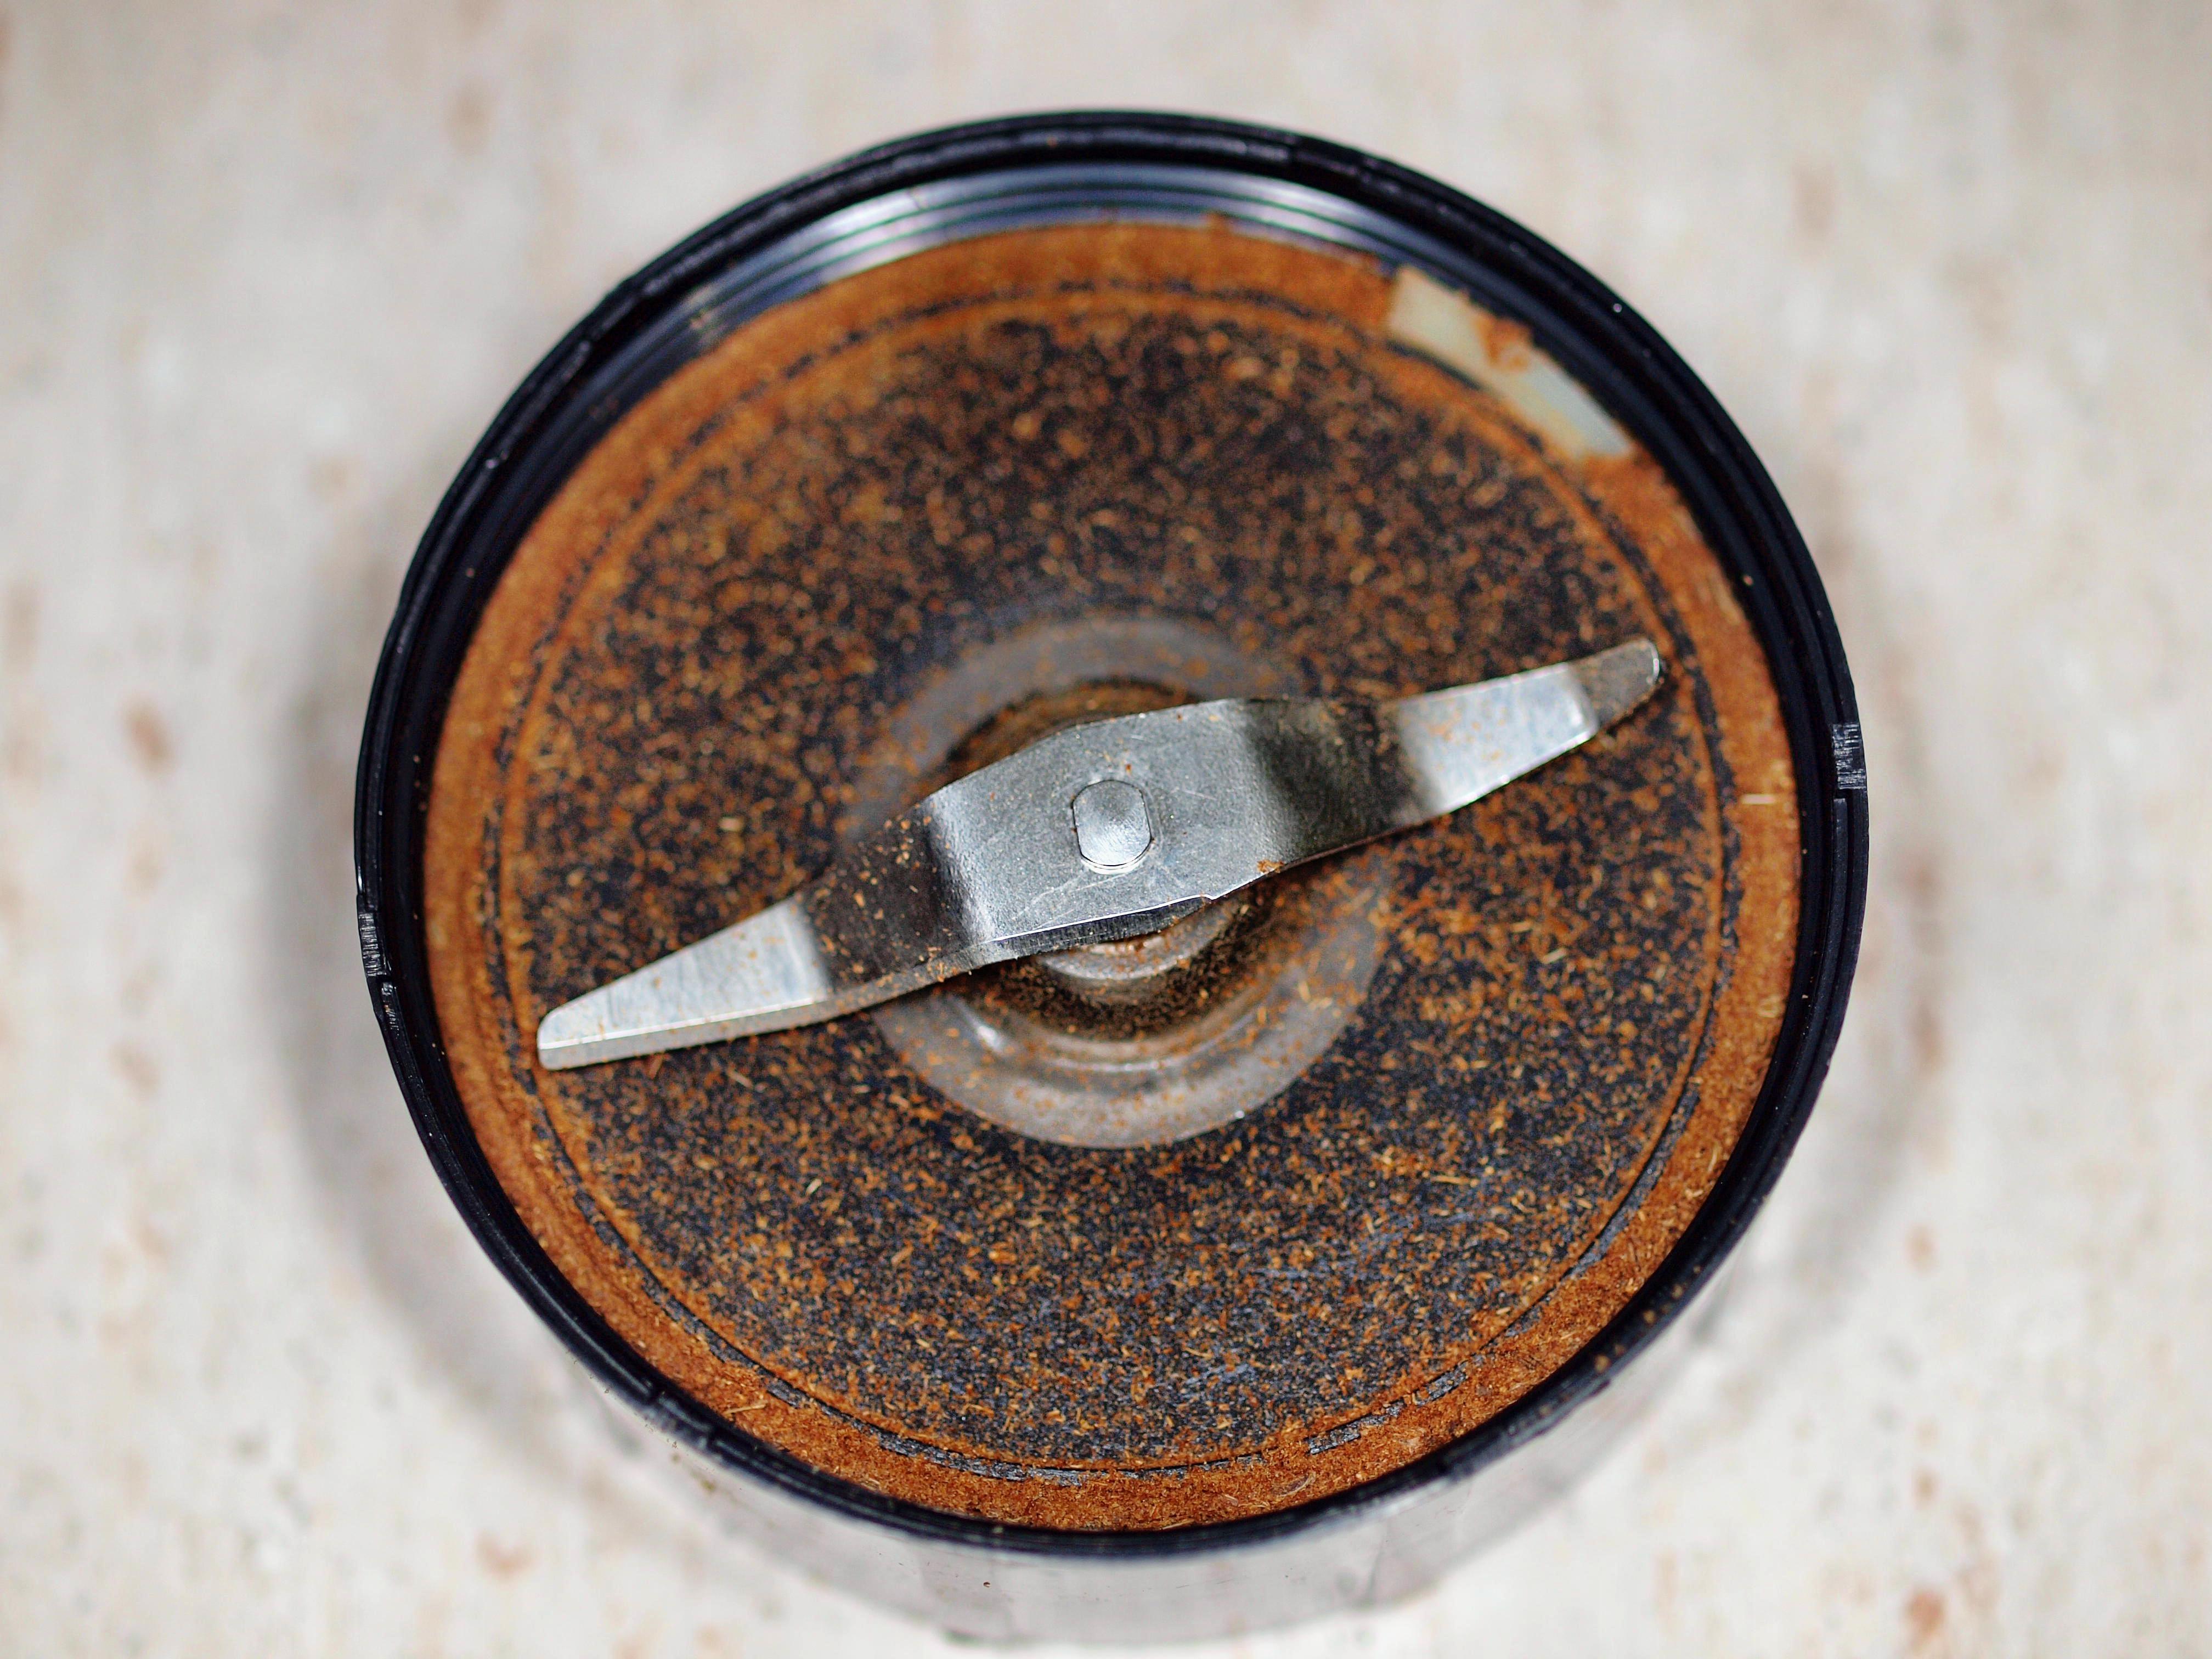 Spice-grinder-3.jpeg